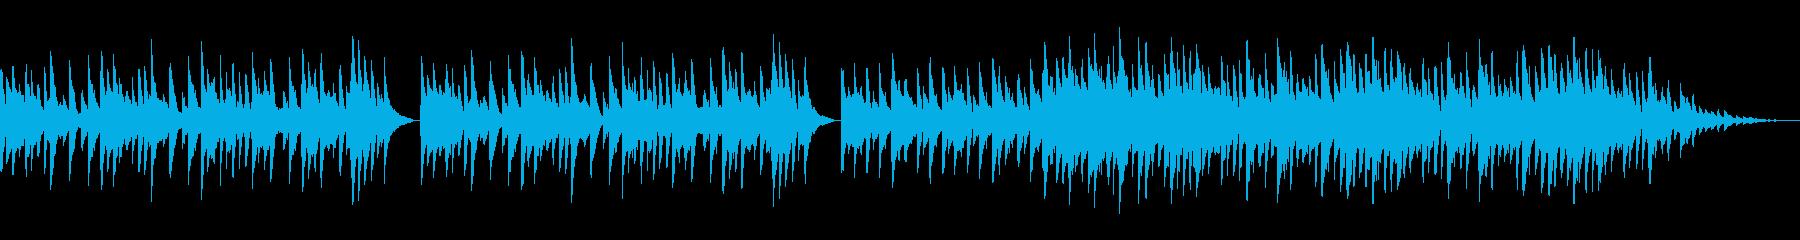 動画BGM用のピアノ曲(切ない、哀愁)の再生済みの波形